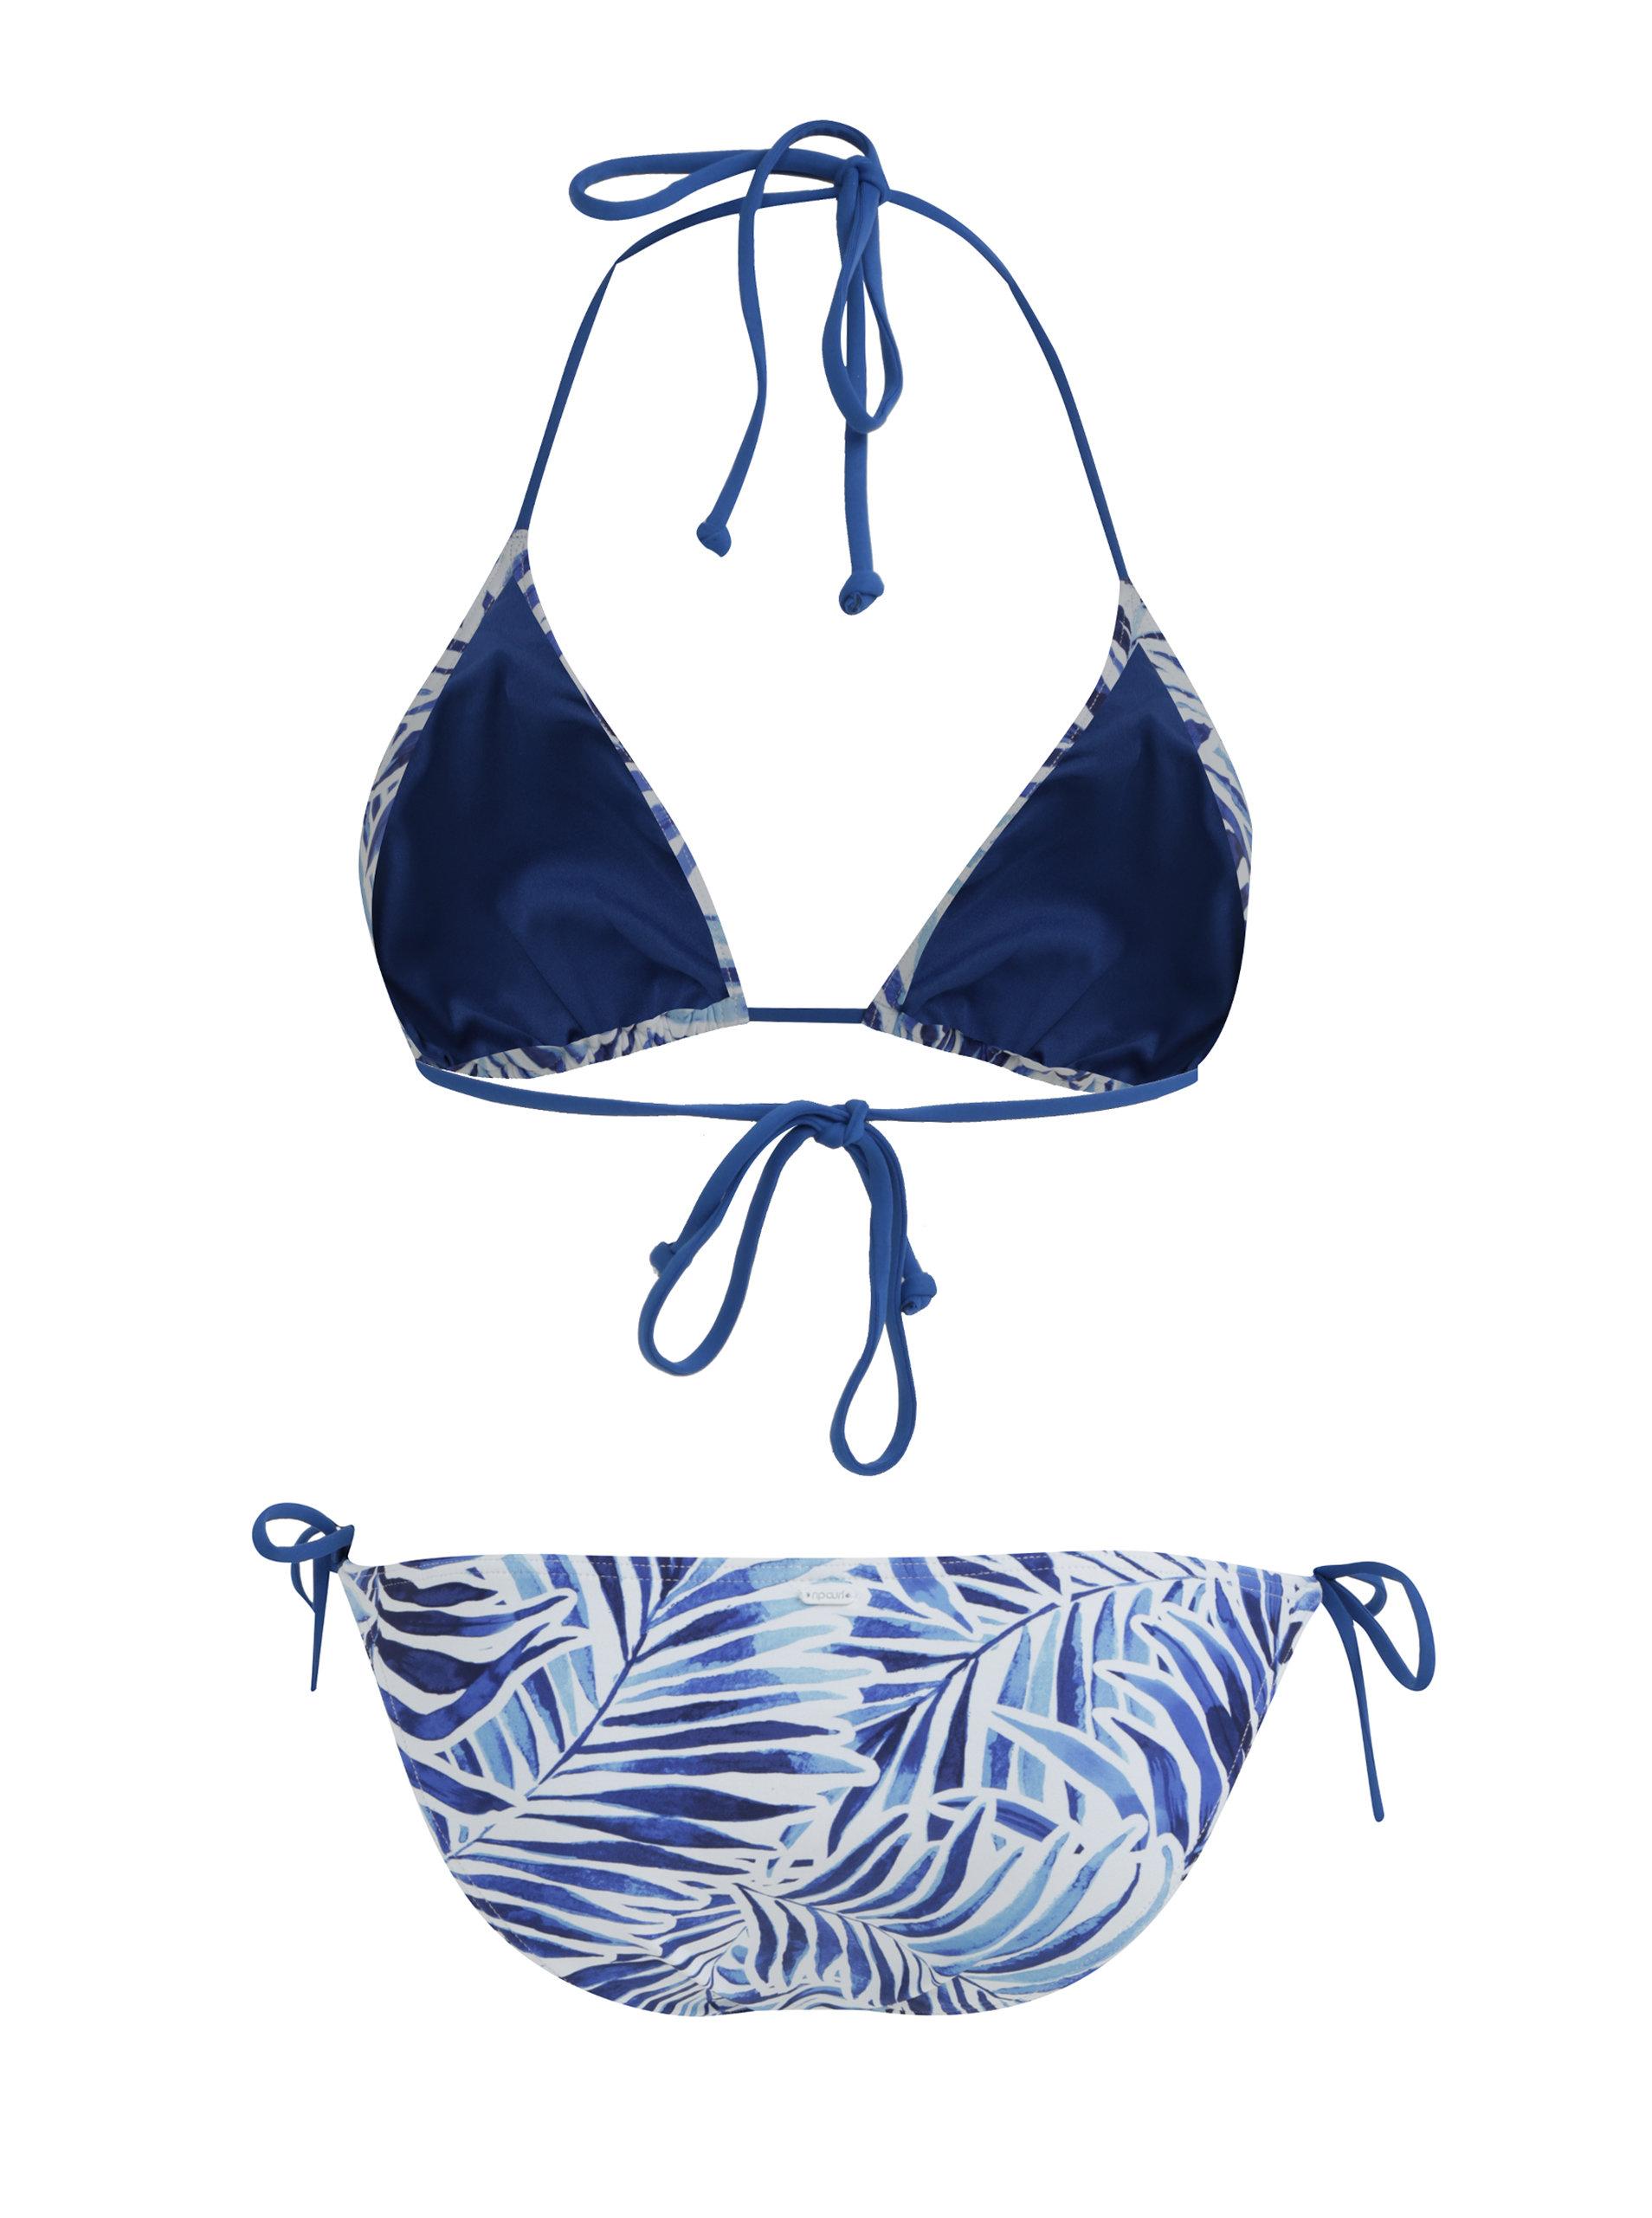 058bb35dba4 Bílo-modré dámské vzorované dvoudílné plavky Rip Curl ...